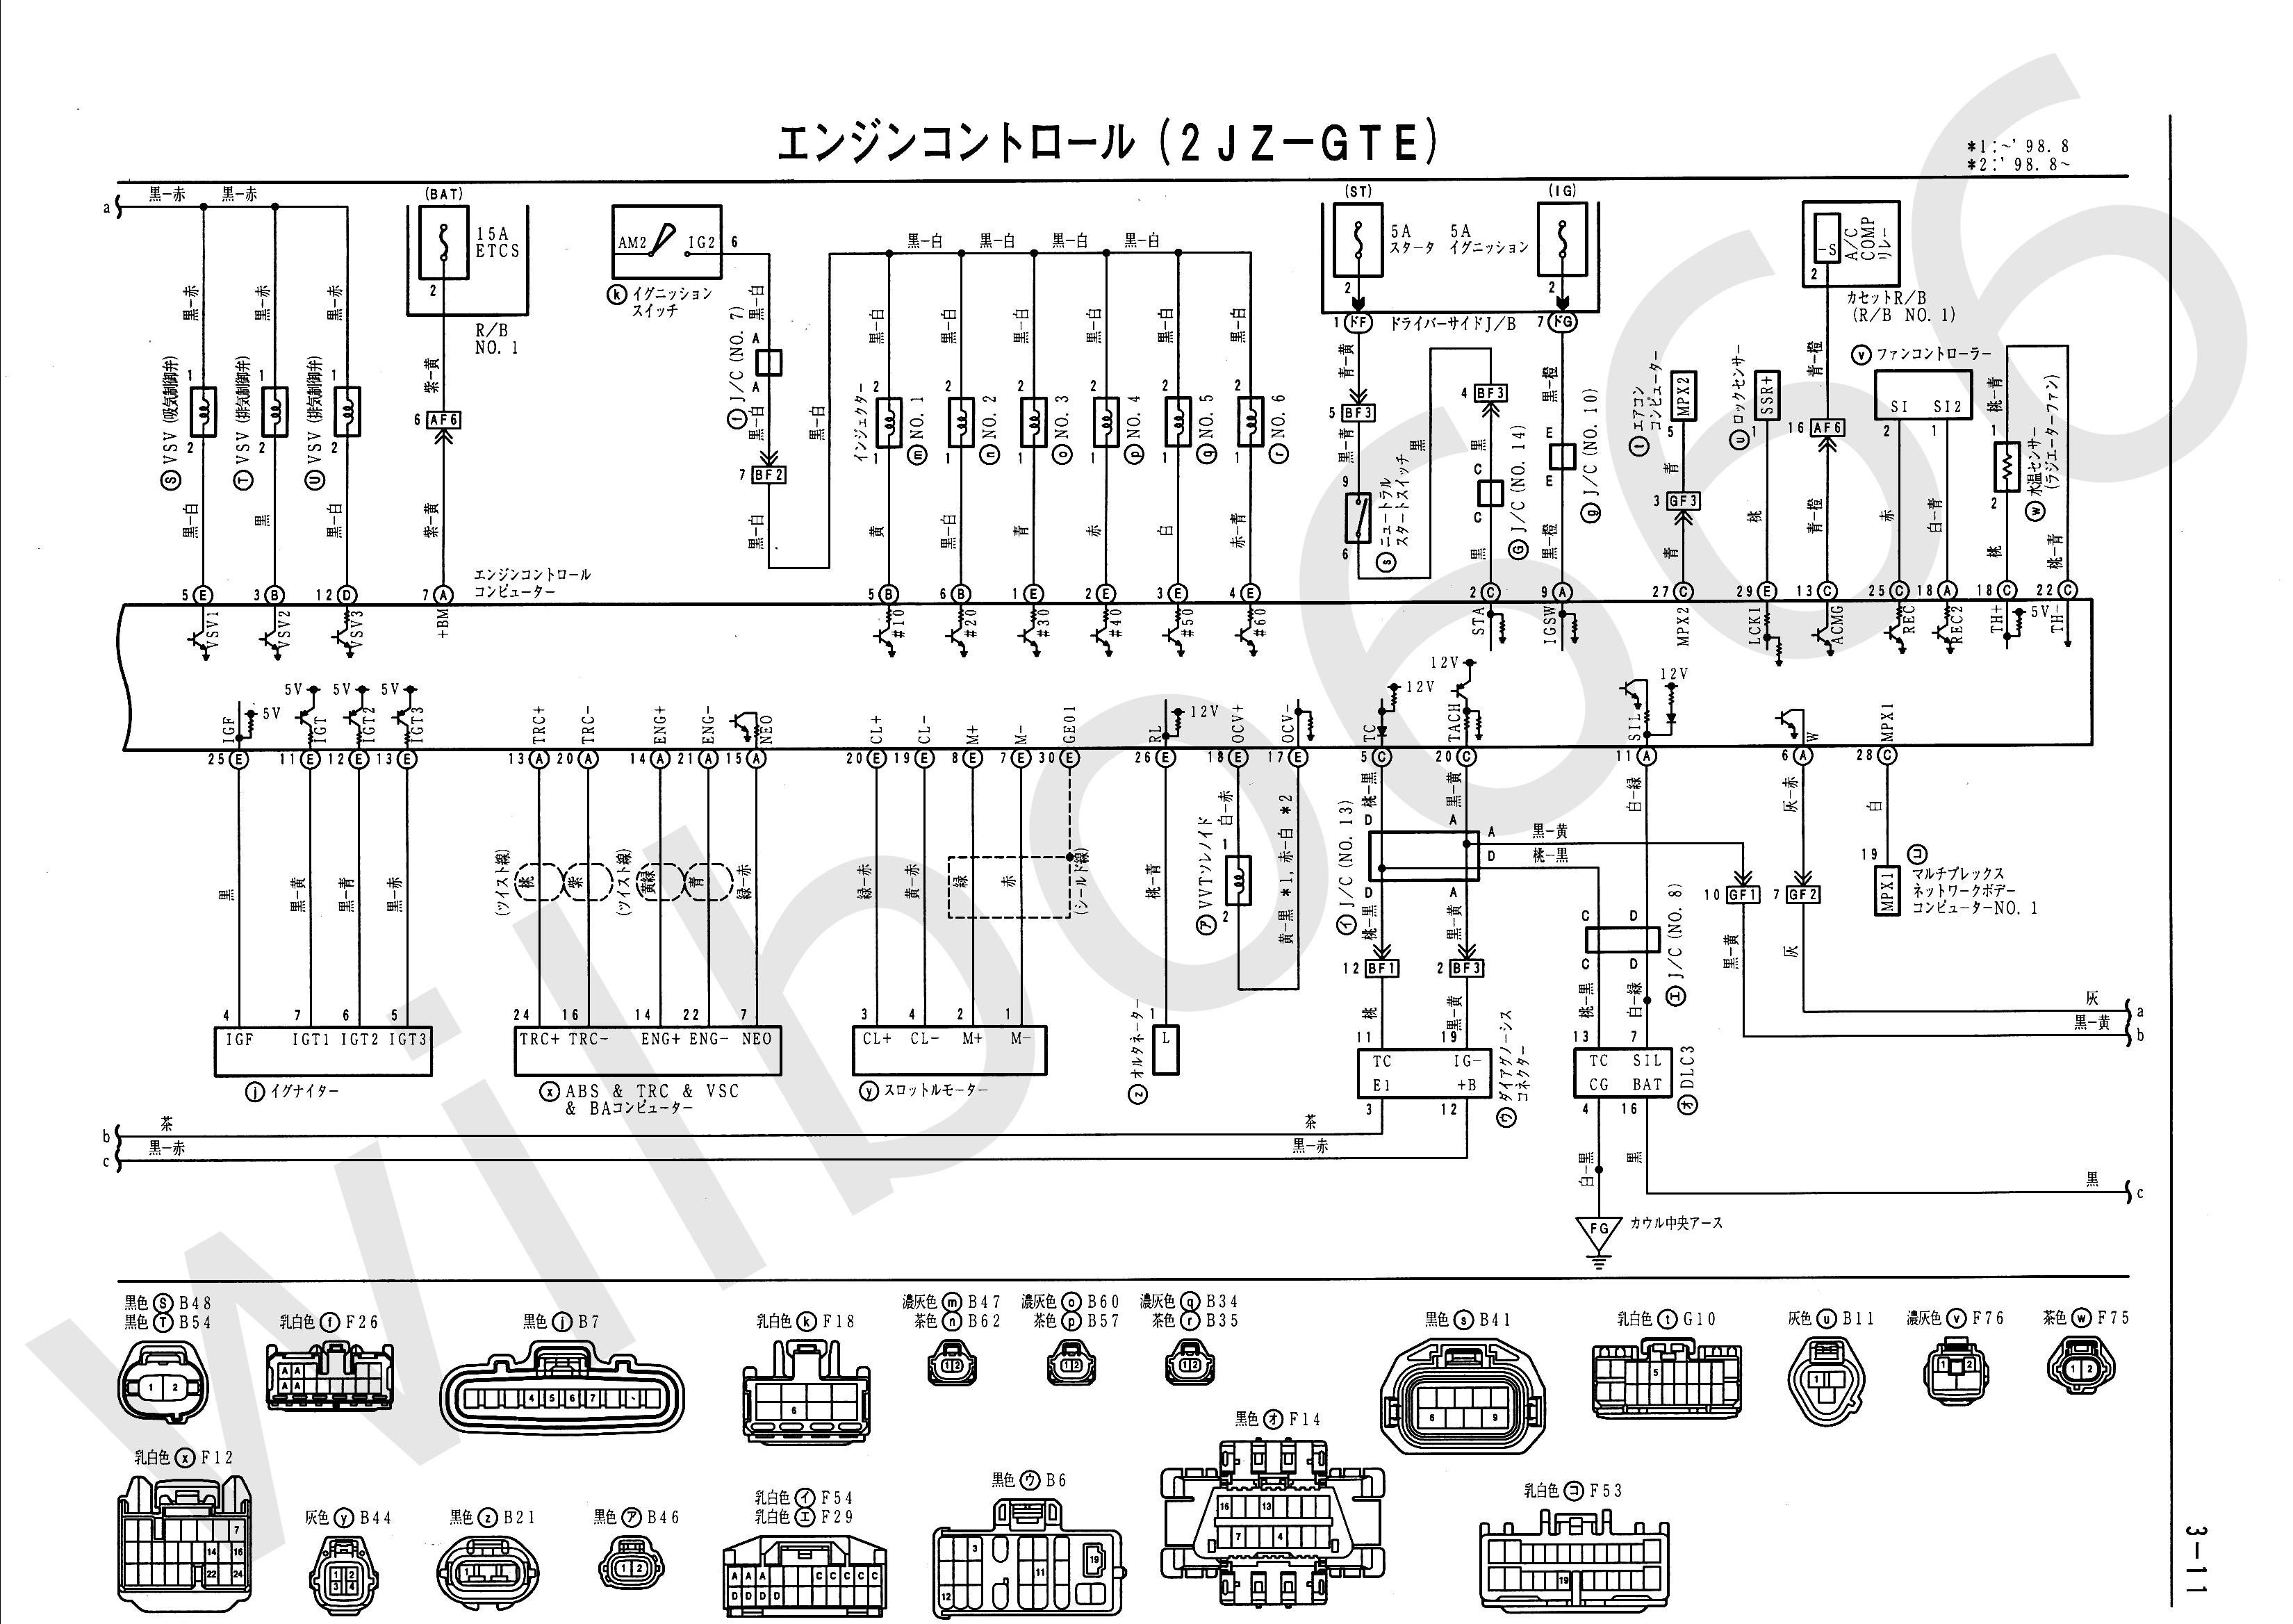 1jz Auto Transmission Wiring Diagram Trans Gte Pdfrhsvlcus